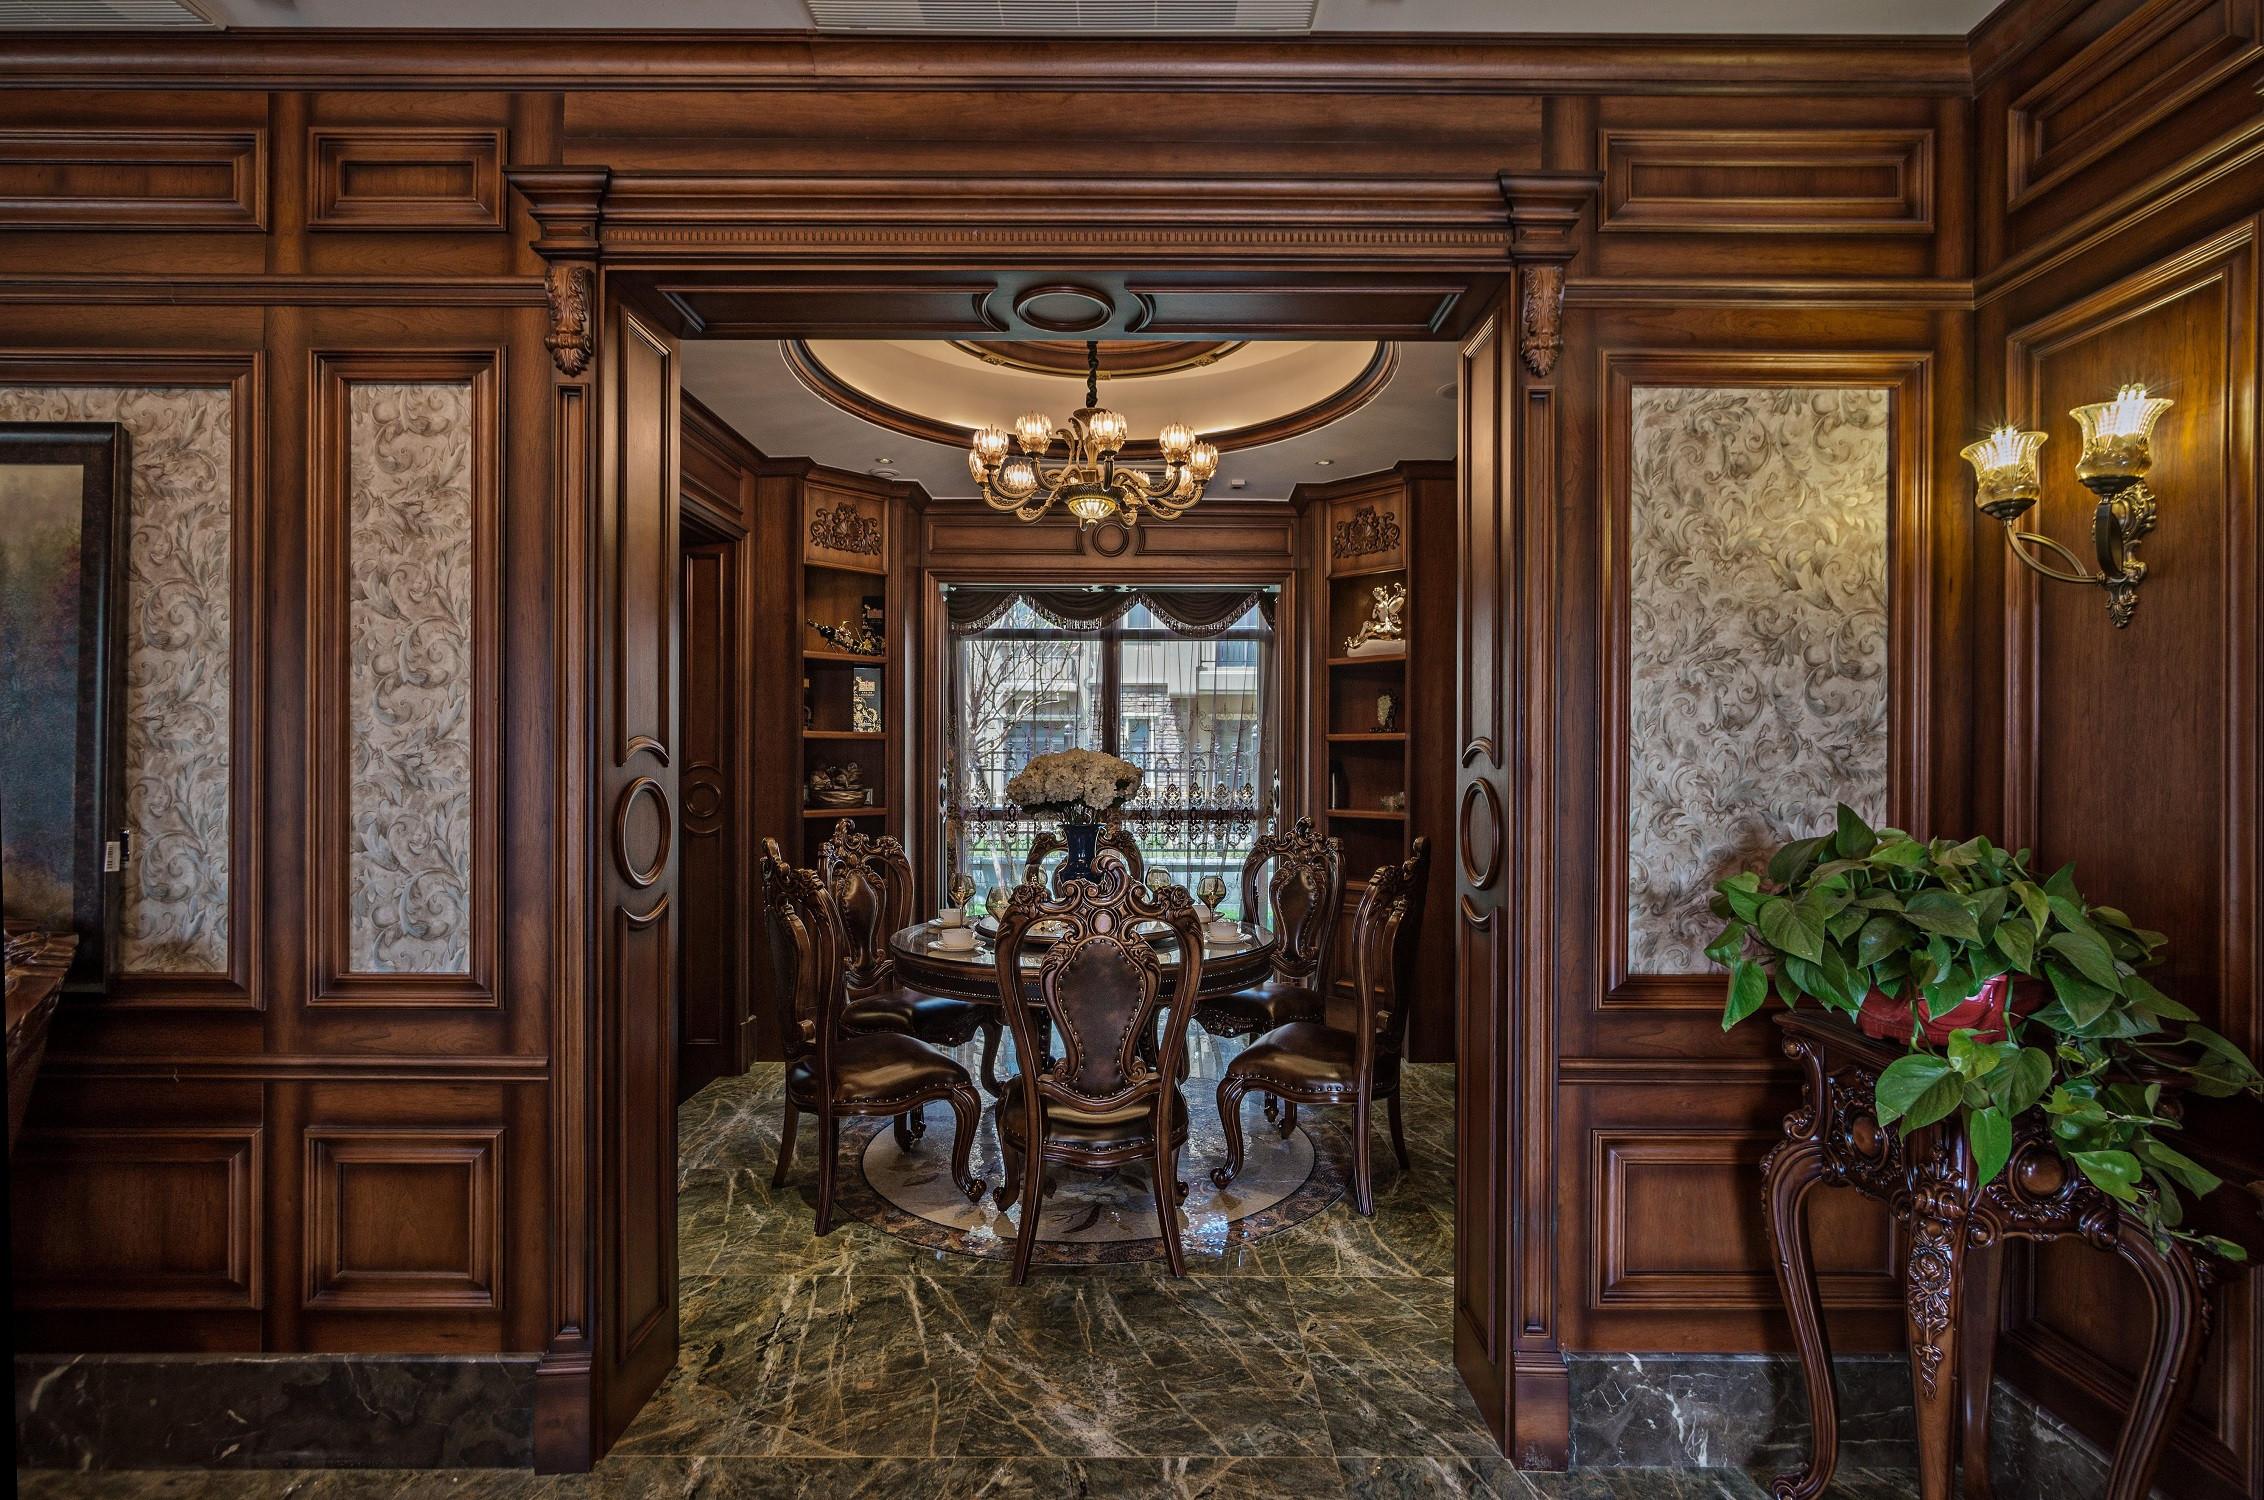 美式古典别墅装修餐厅设计图